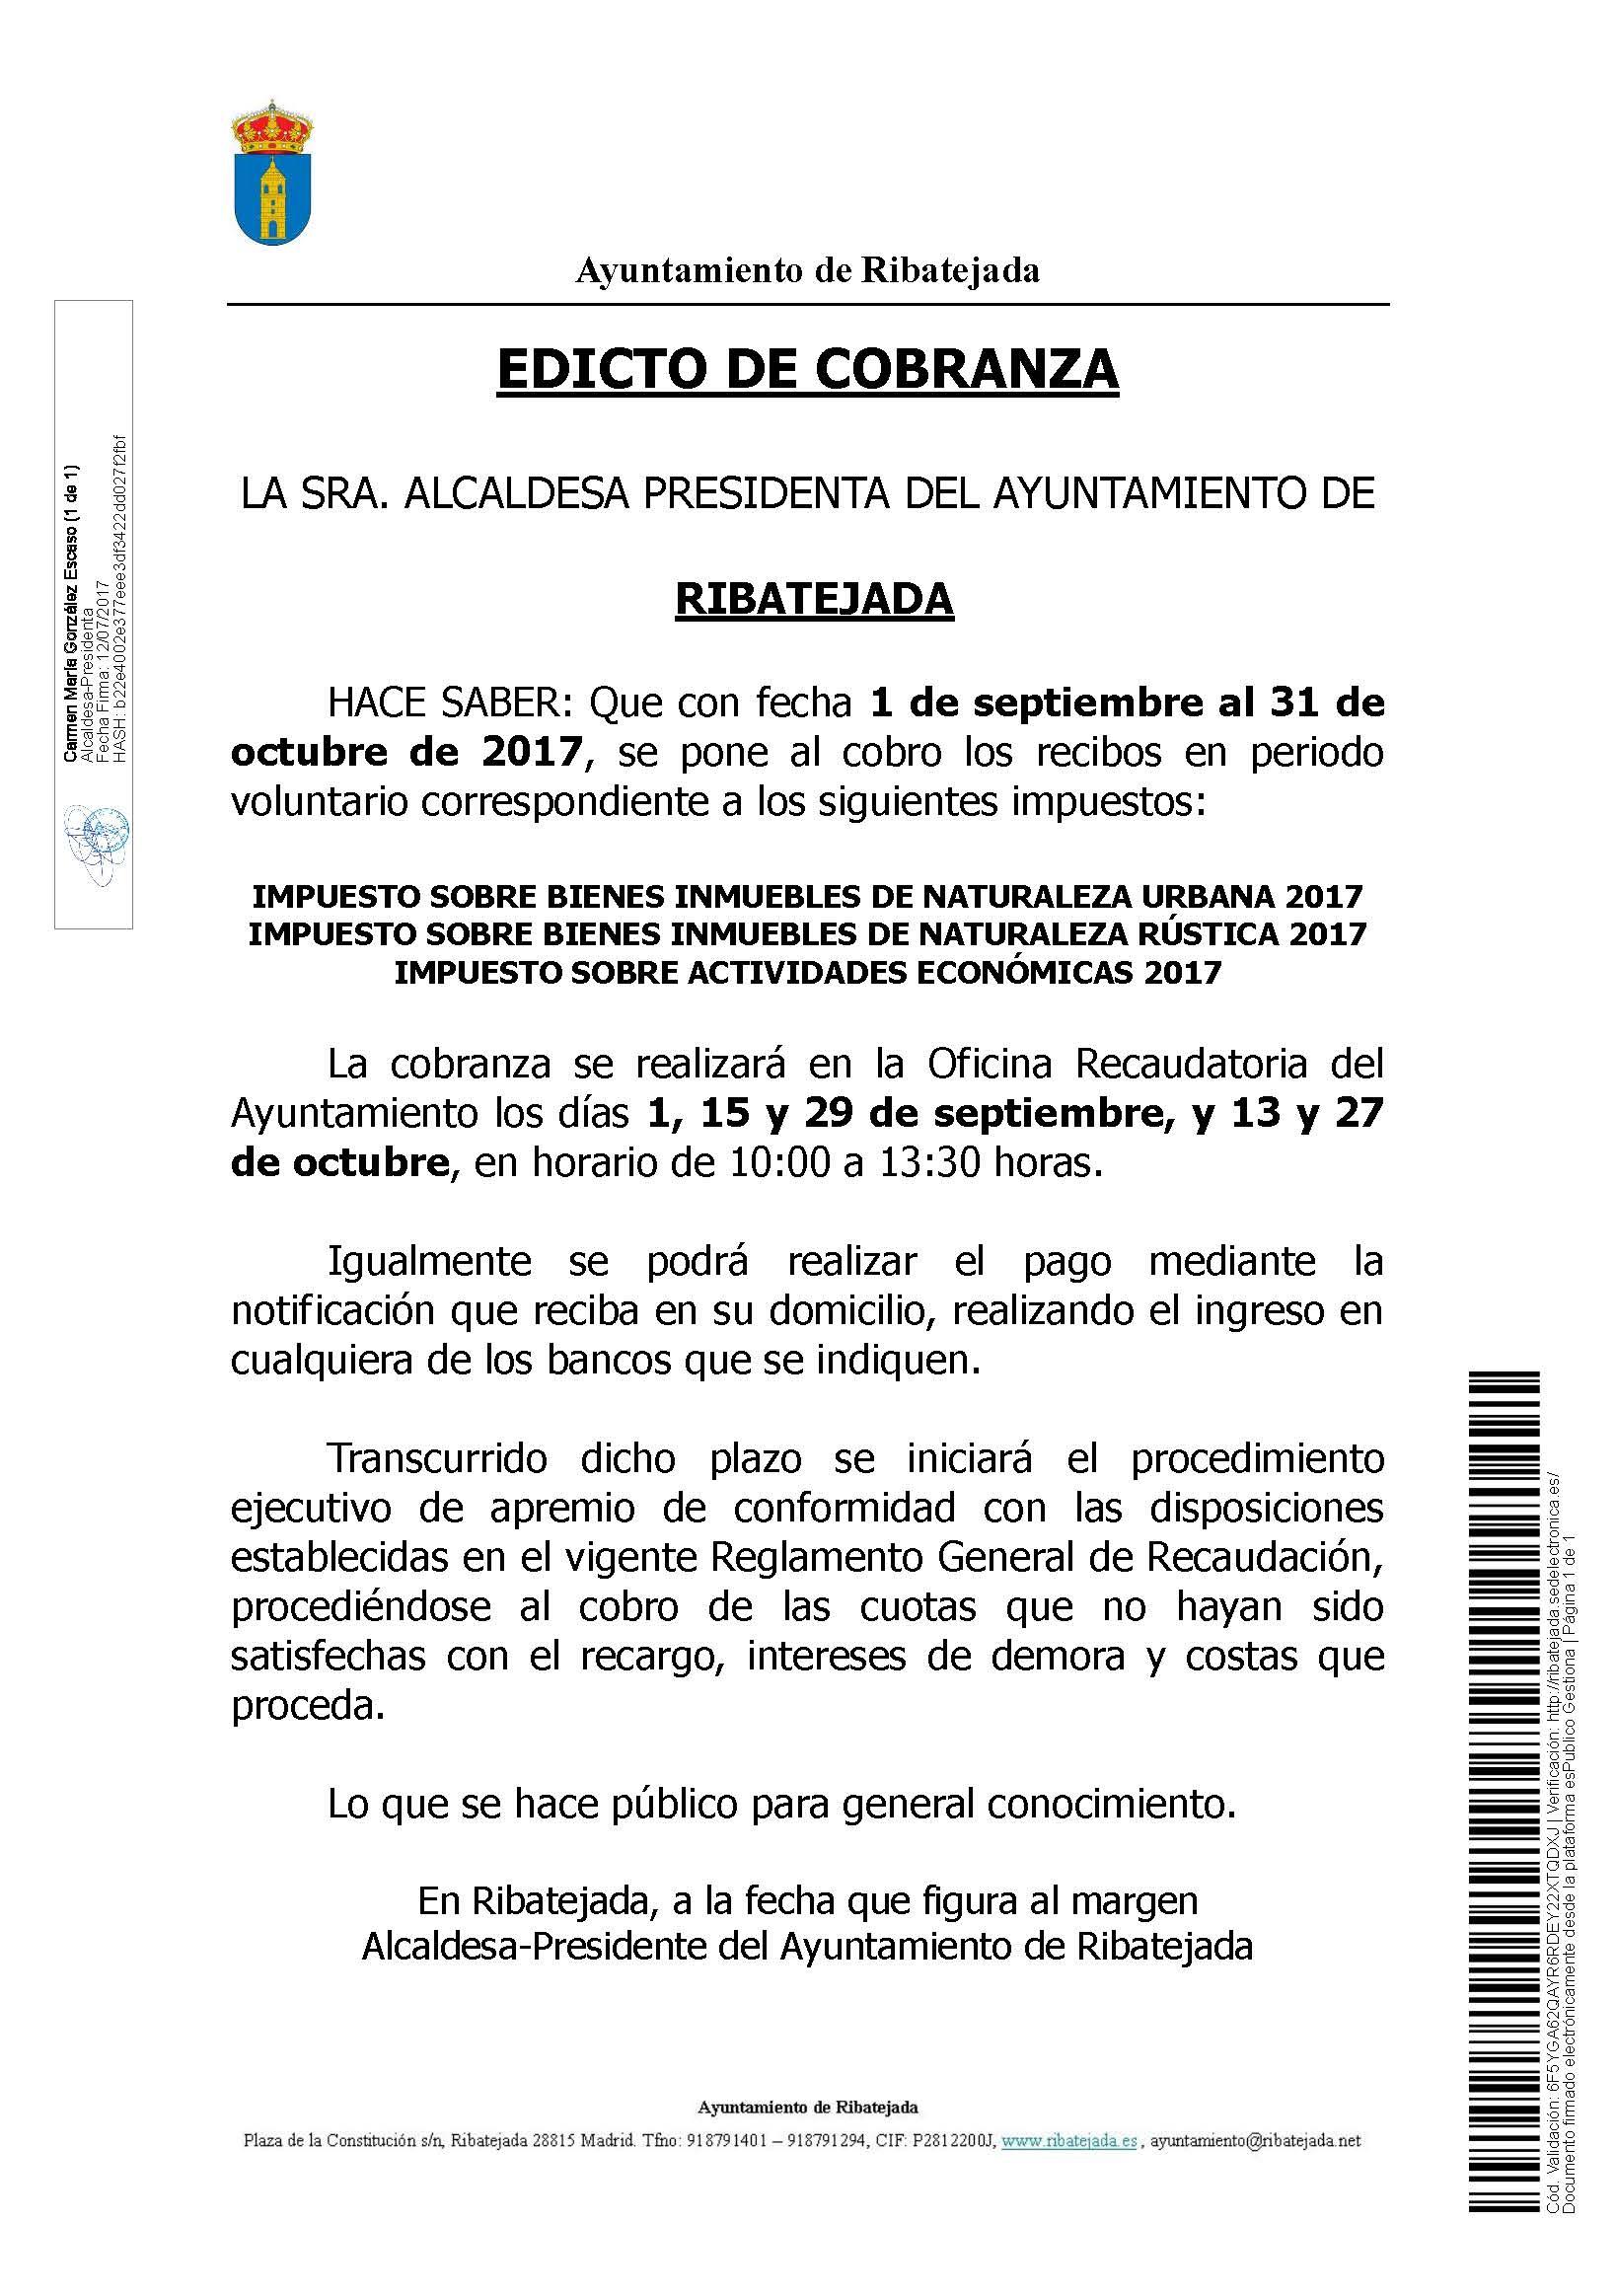 Edicto de Cobranza 2017